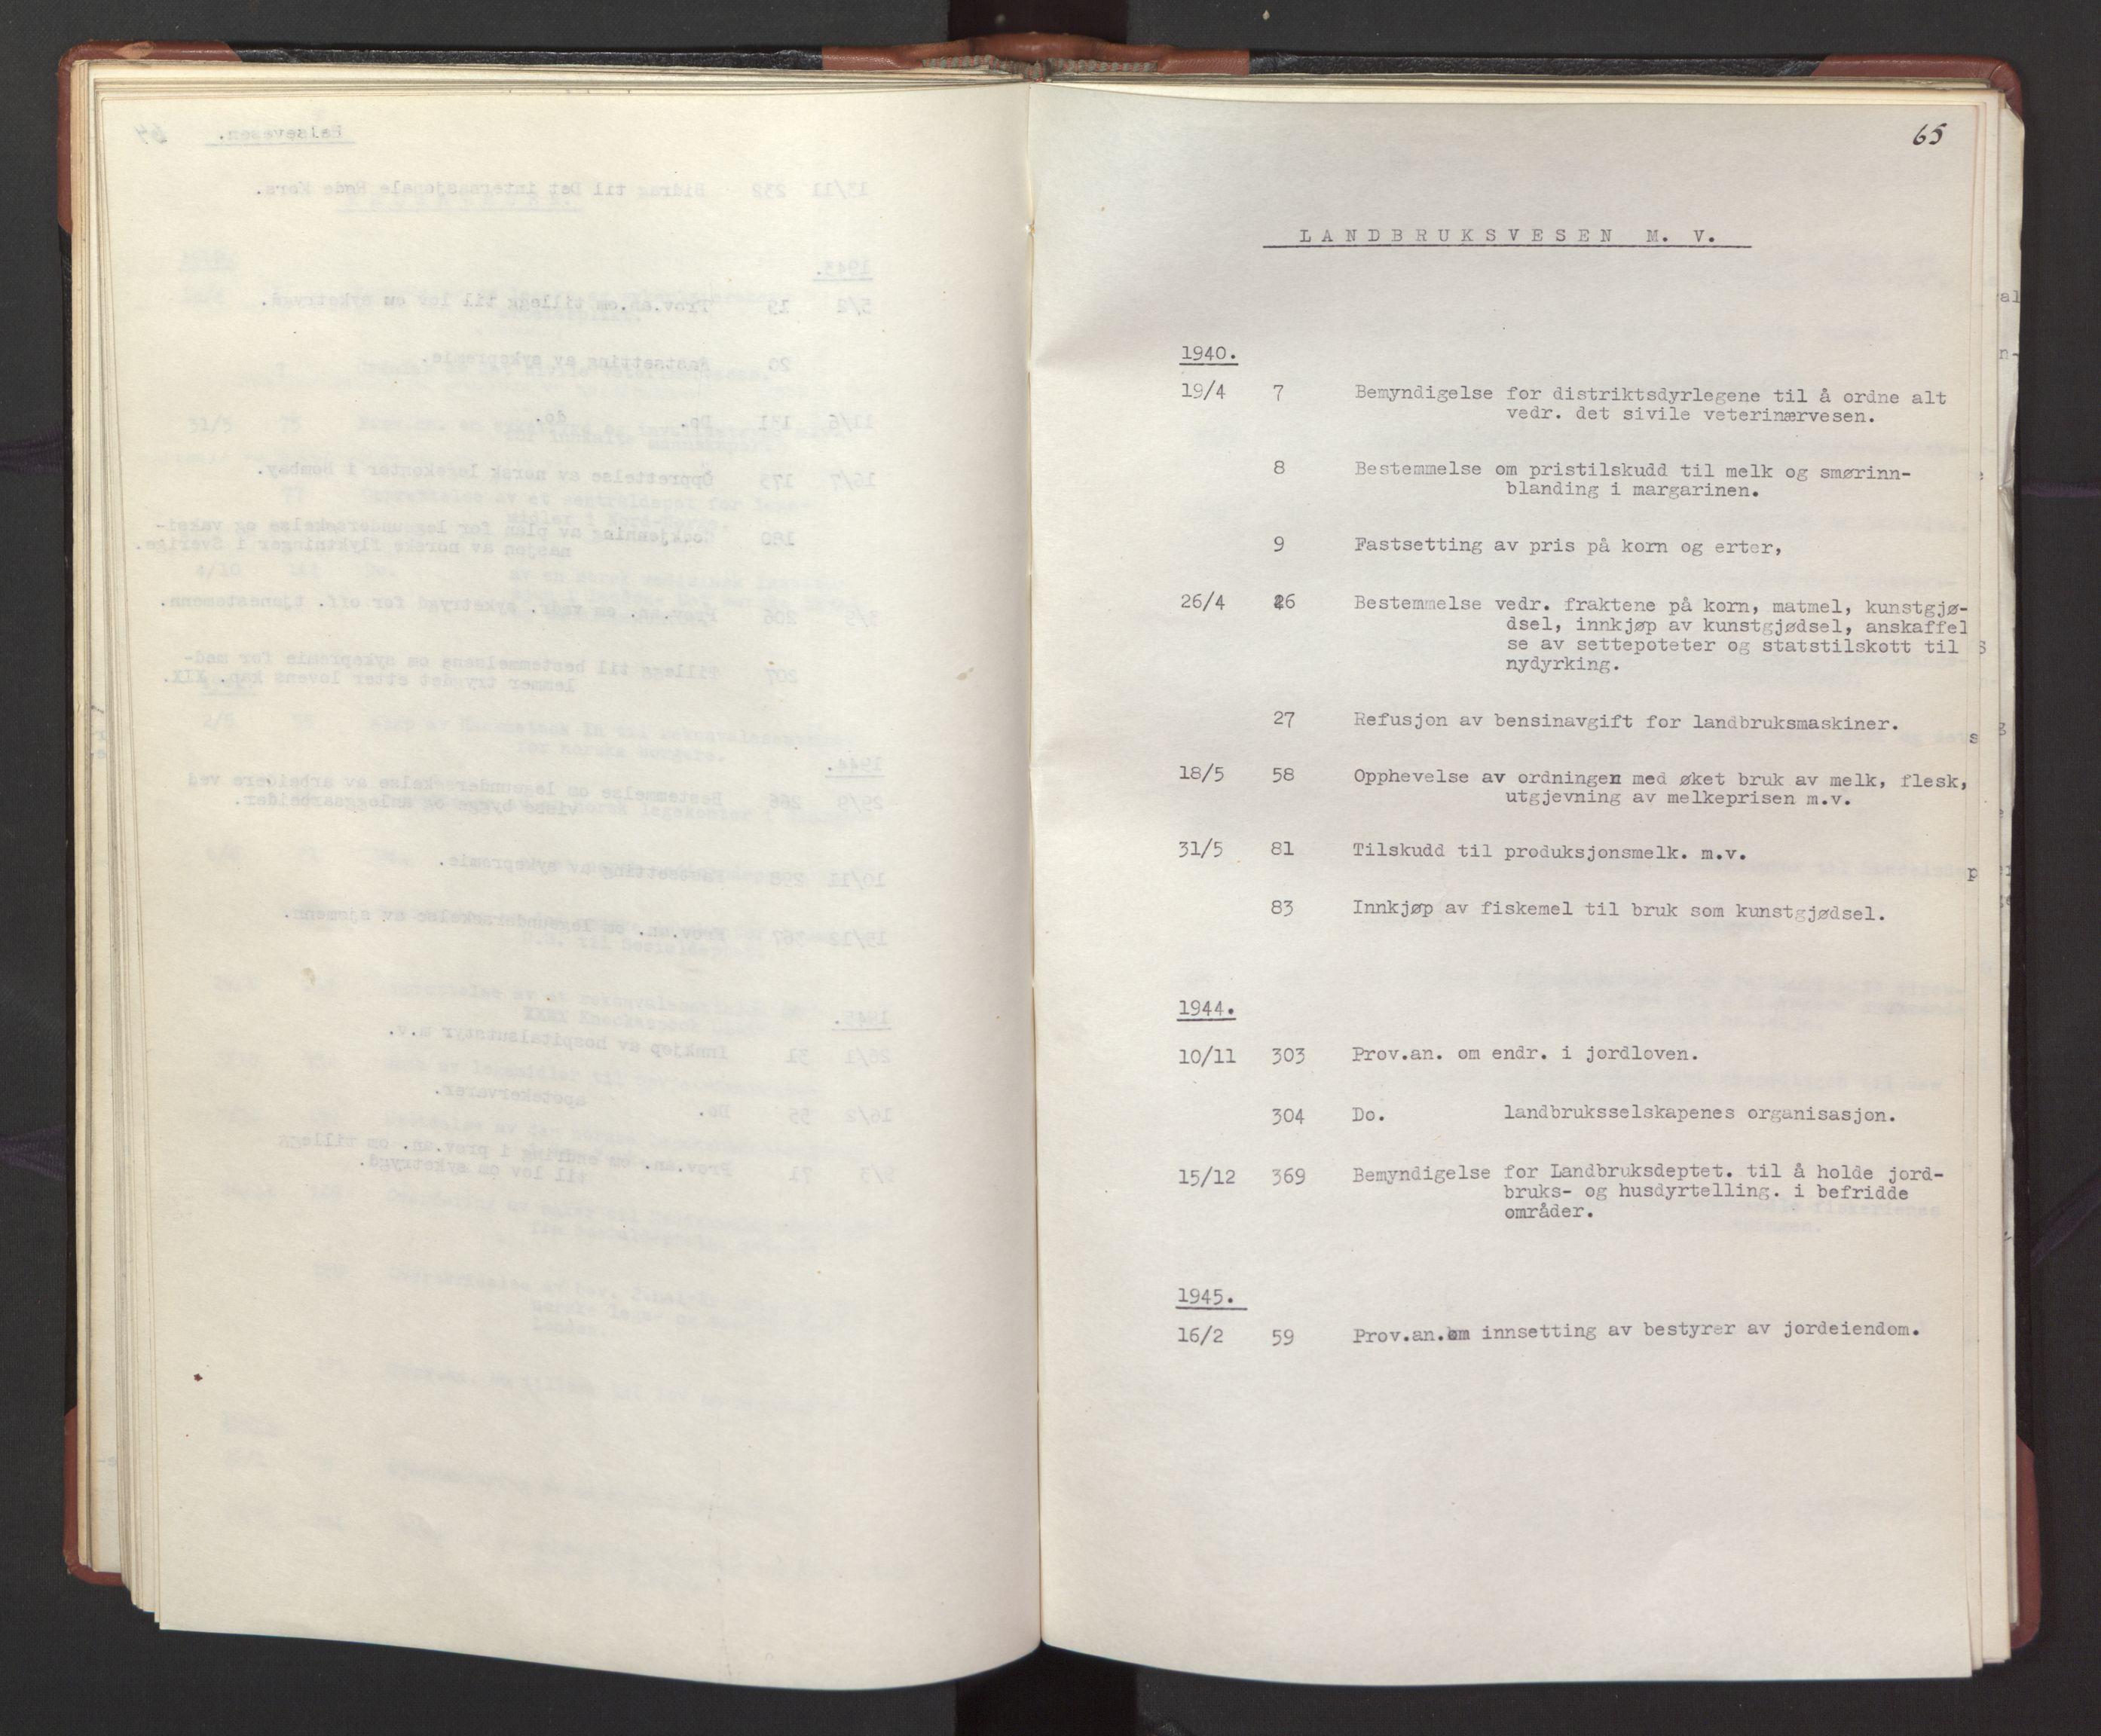 RA, Statsrådssekretariatet, A/Ac/L0127: Register 9/4-25/5, 1940-1945, s. 65